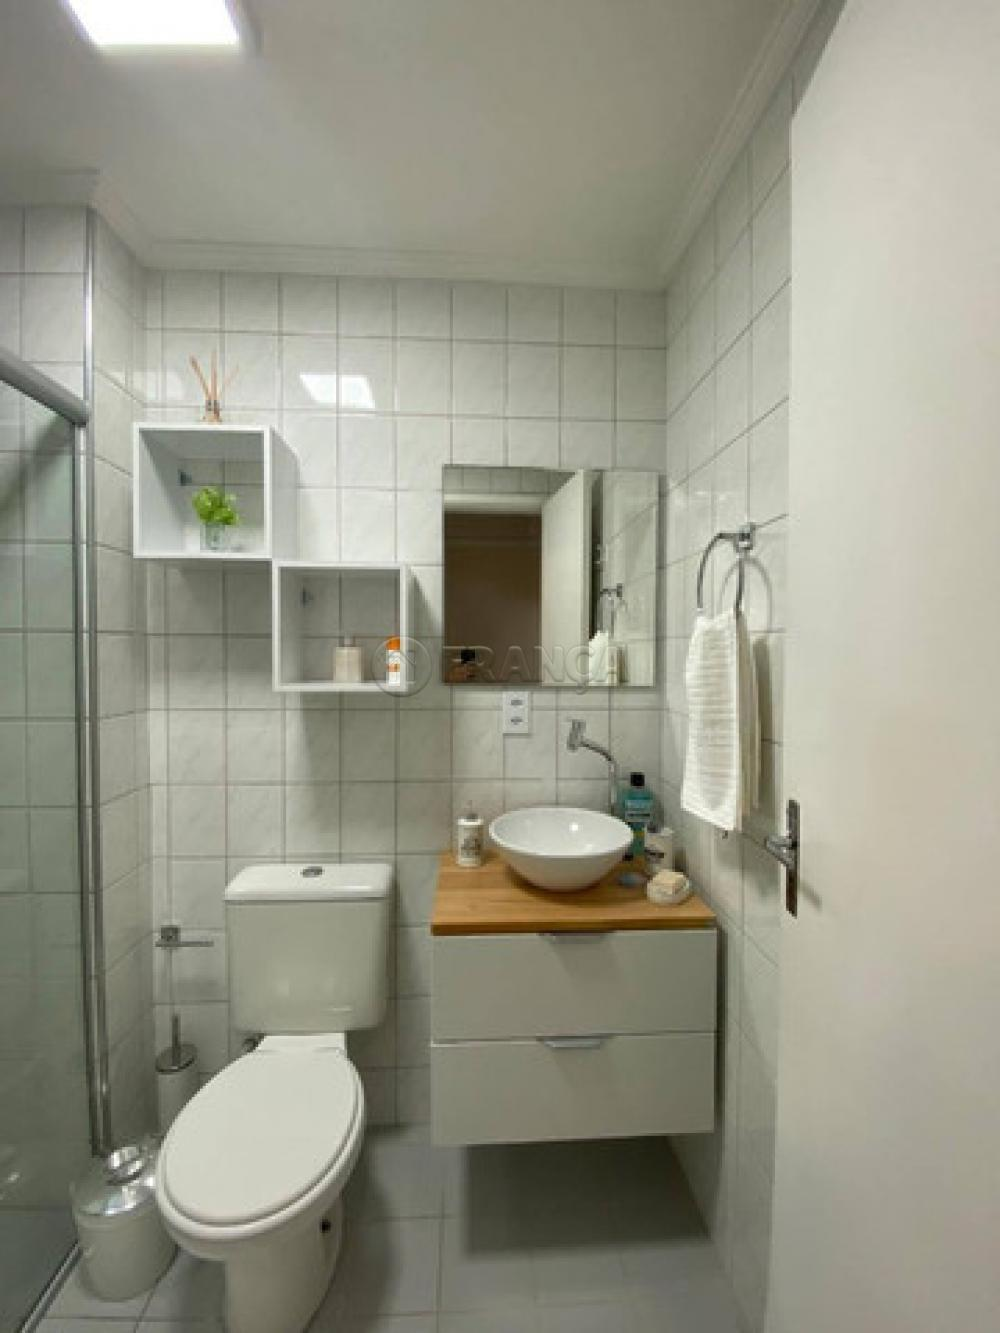 Comprar Apartamento / Padrão em São José dos Campos apenas R$ 198.000,00 - Foto 11